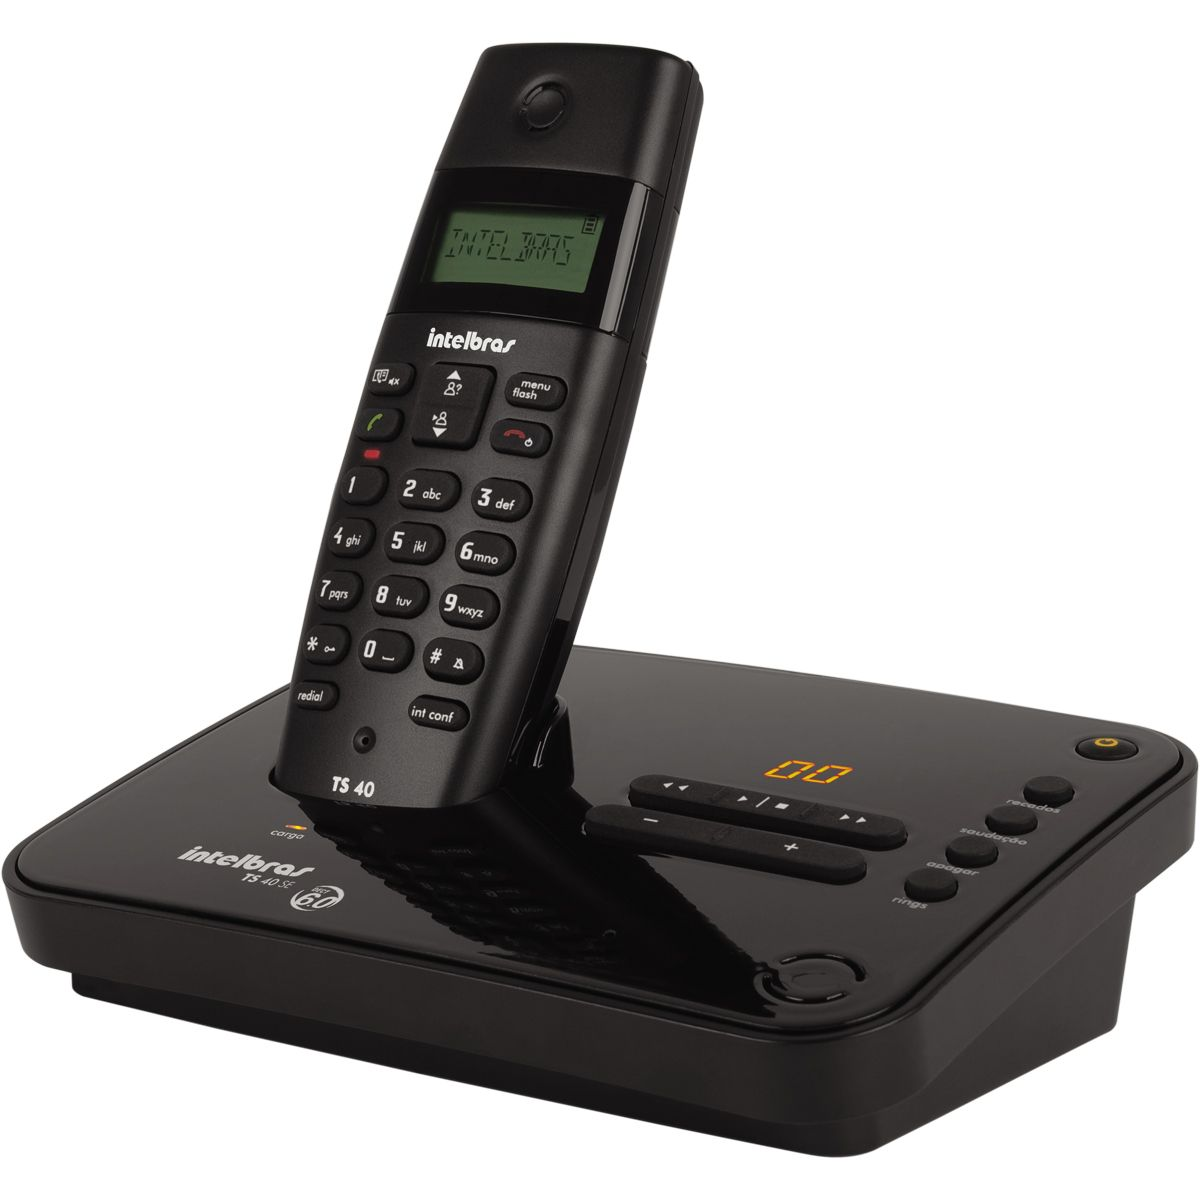 Telefone Intelbras TS 40 SE sem fio - Hope Tech Telecomunicações